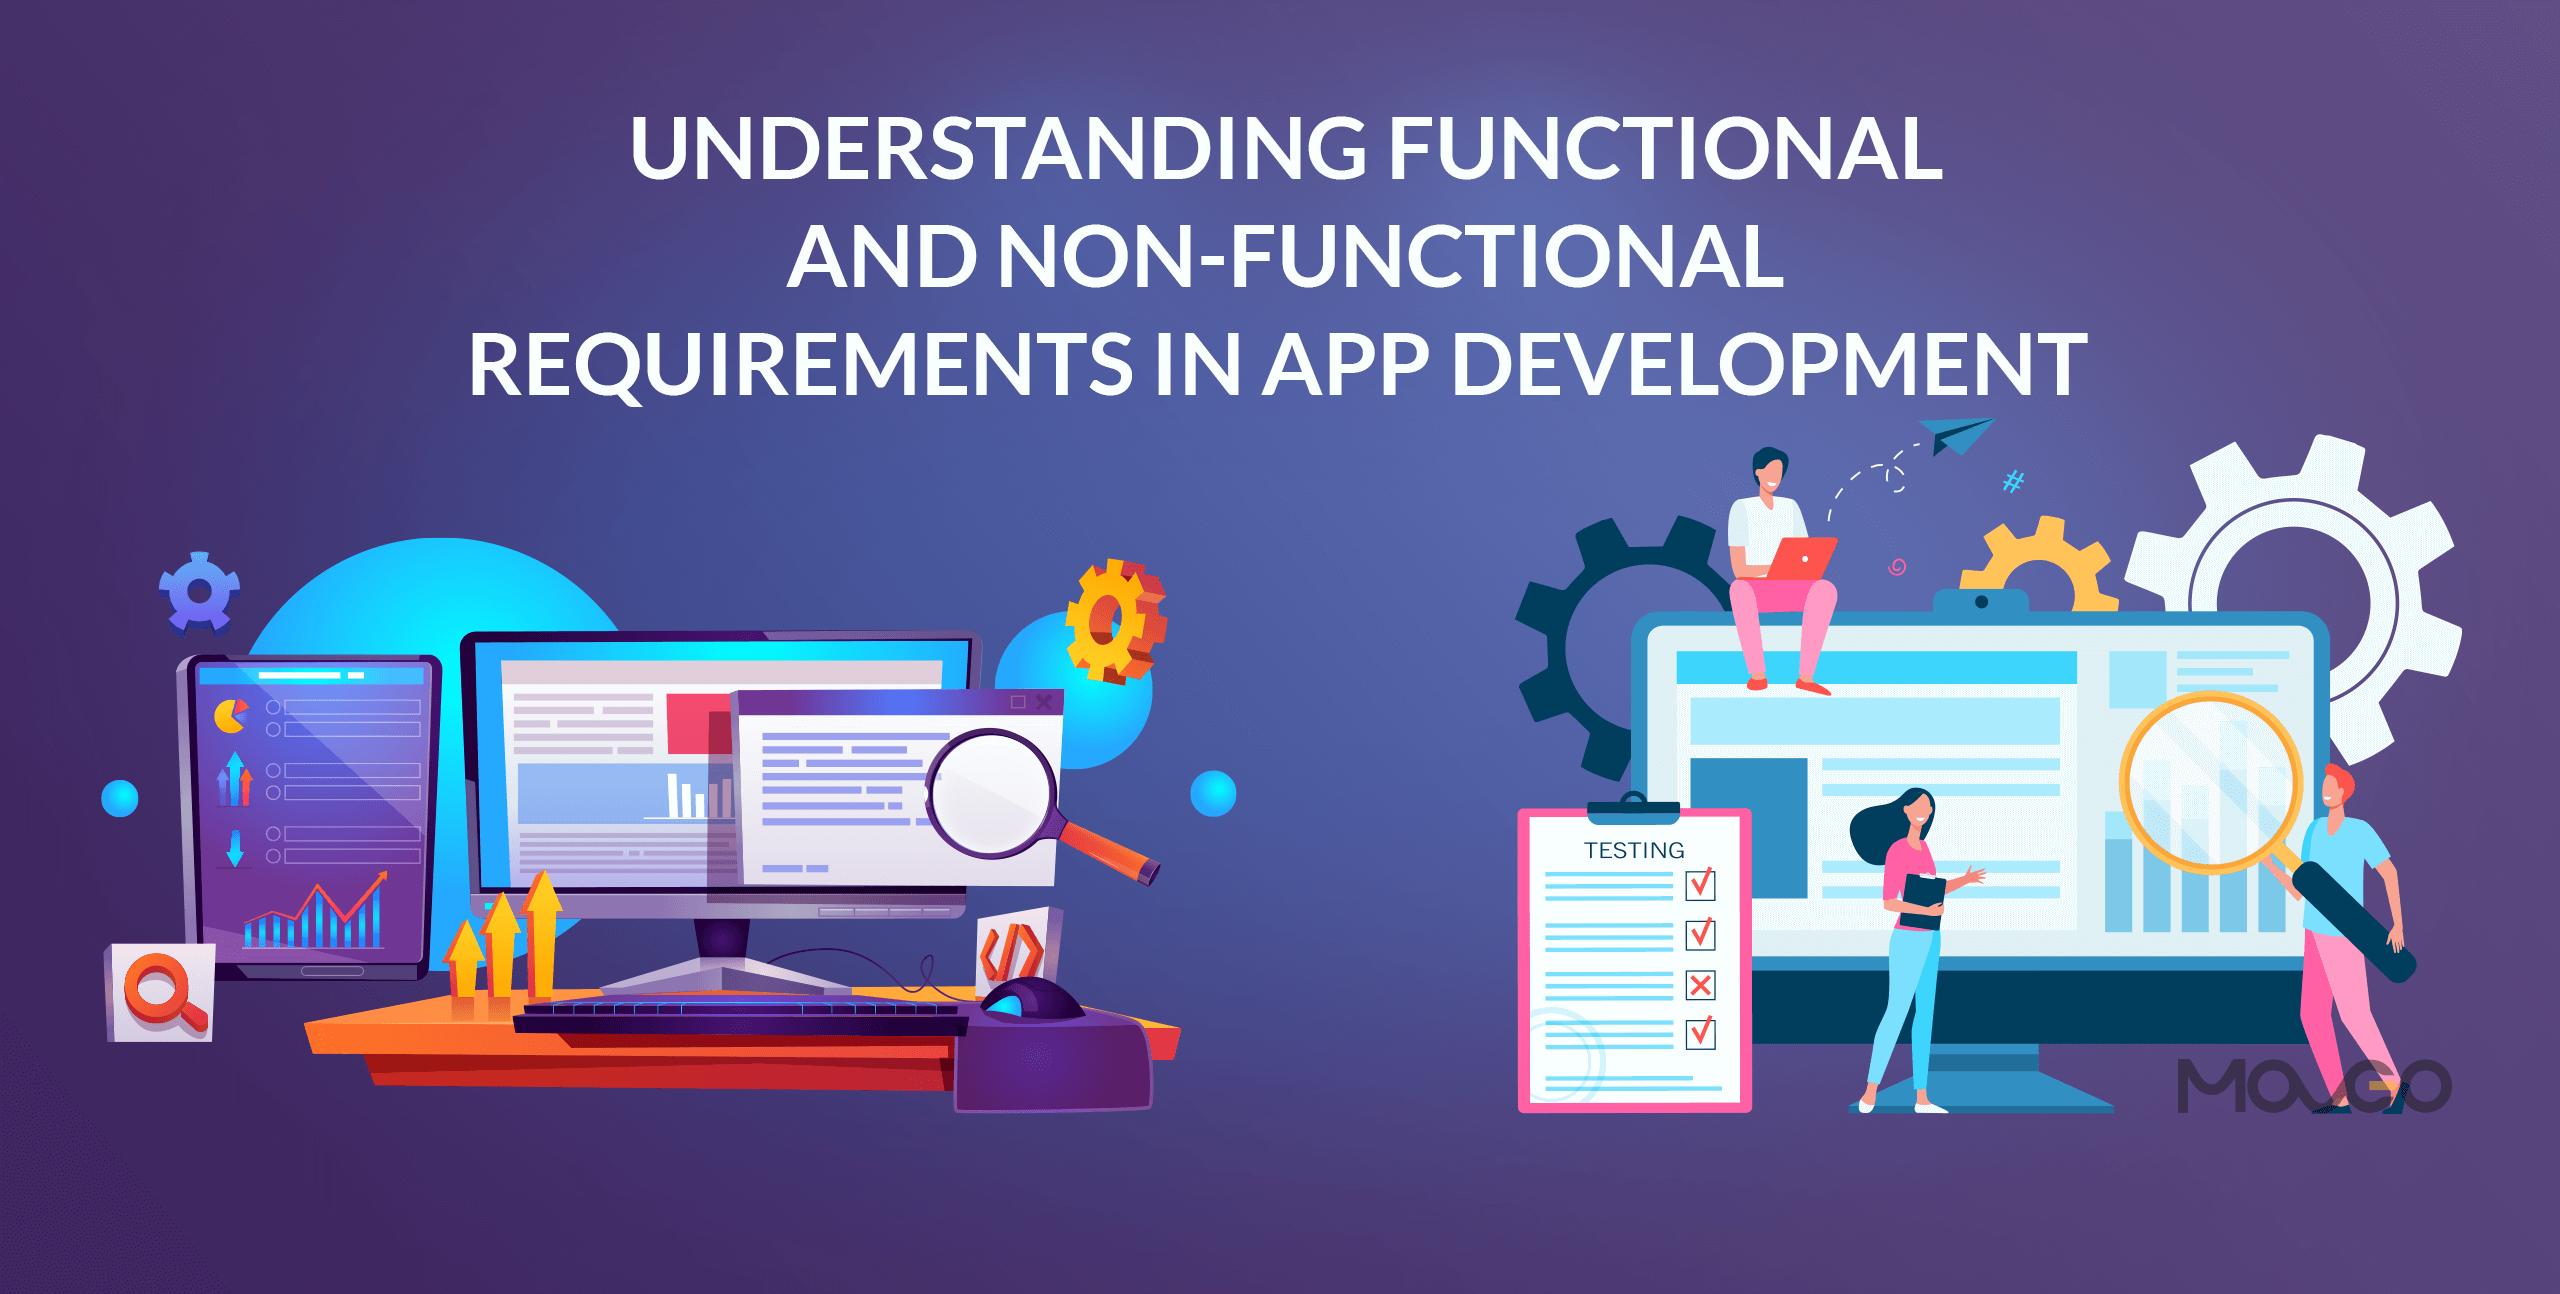 understanding functional and non-functional requirements in app development